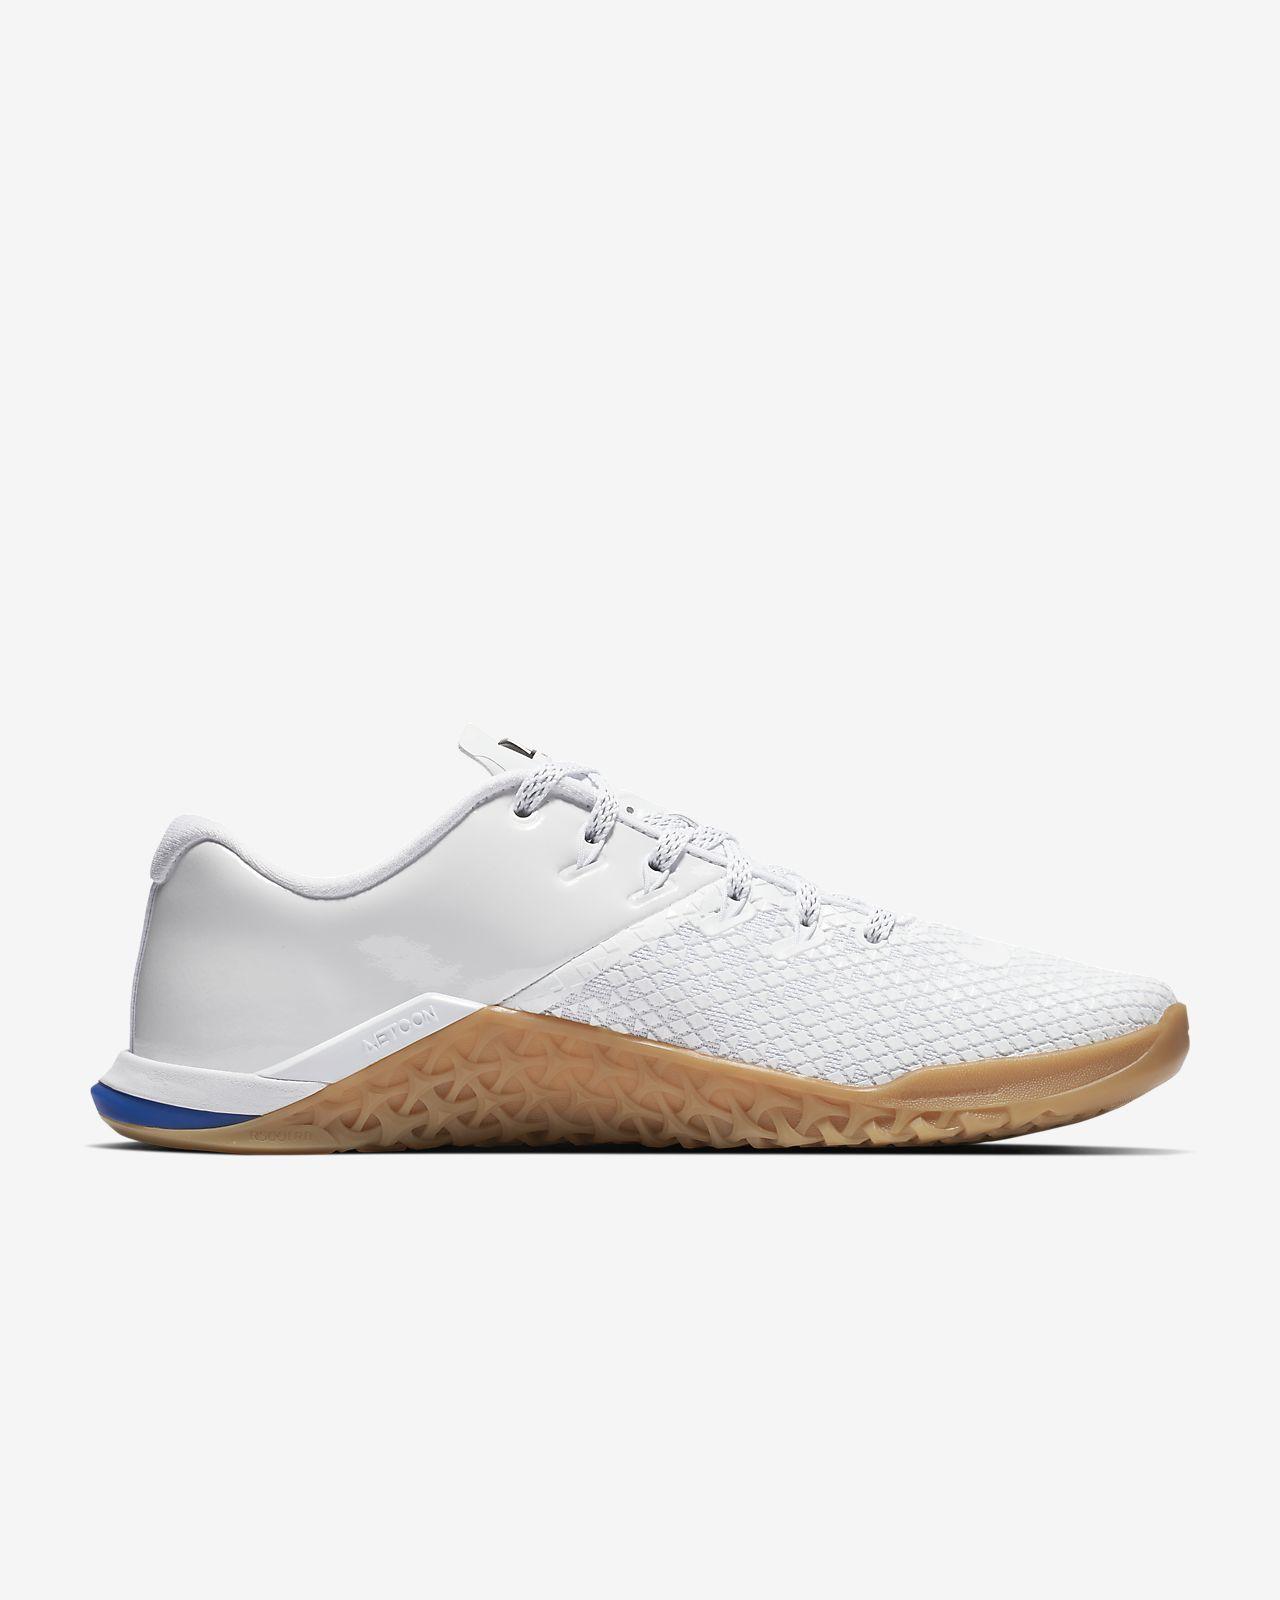 official photos 04955 9b3c9 ... Chaussure de cross-training et de renforcement musculaire Nike Metcon 4  XD X Whiteboard pour